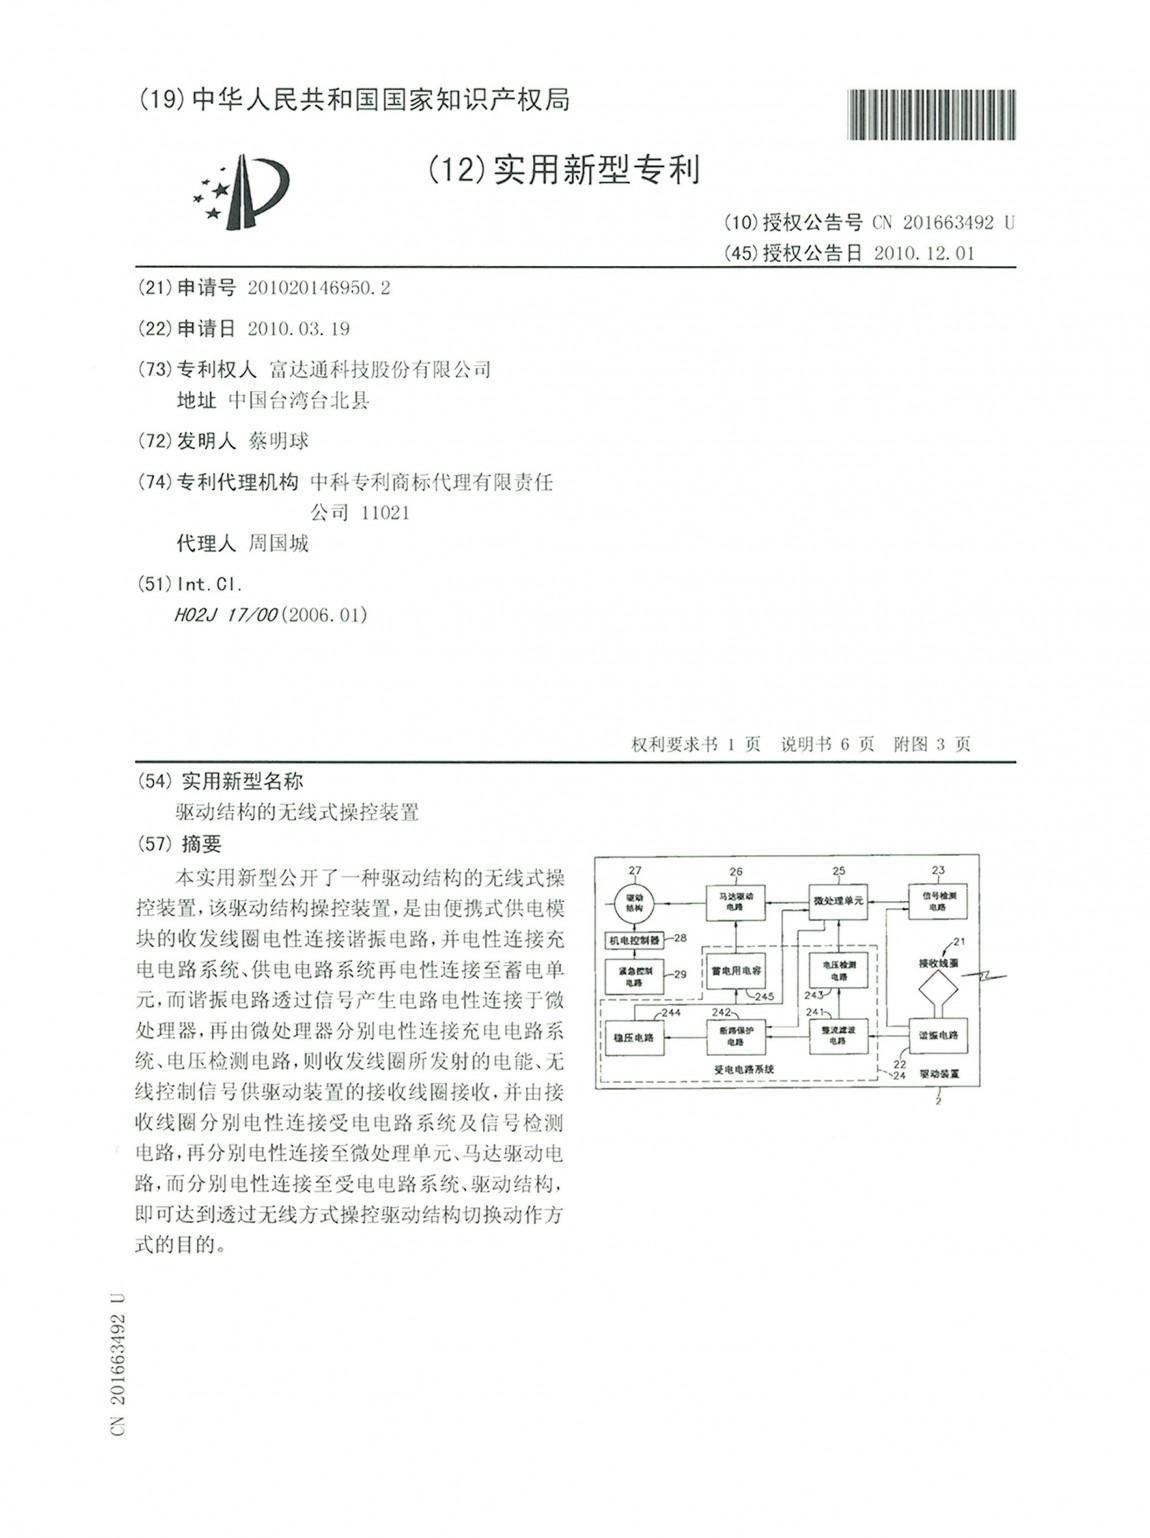 富達通專利01-驅動結構之無線式操控裝置(中國)CN2010201469502